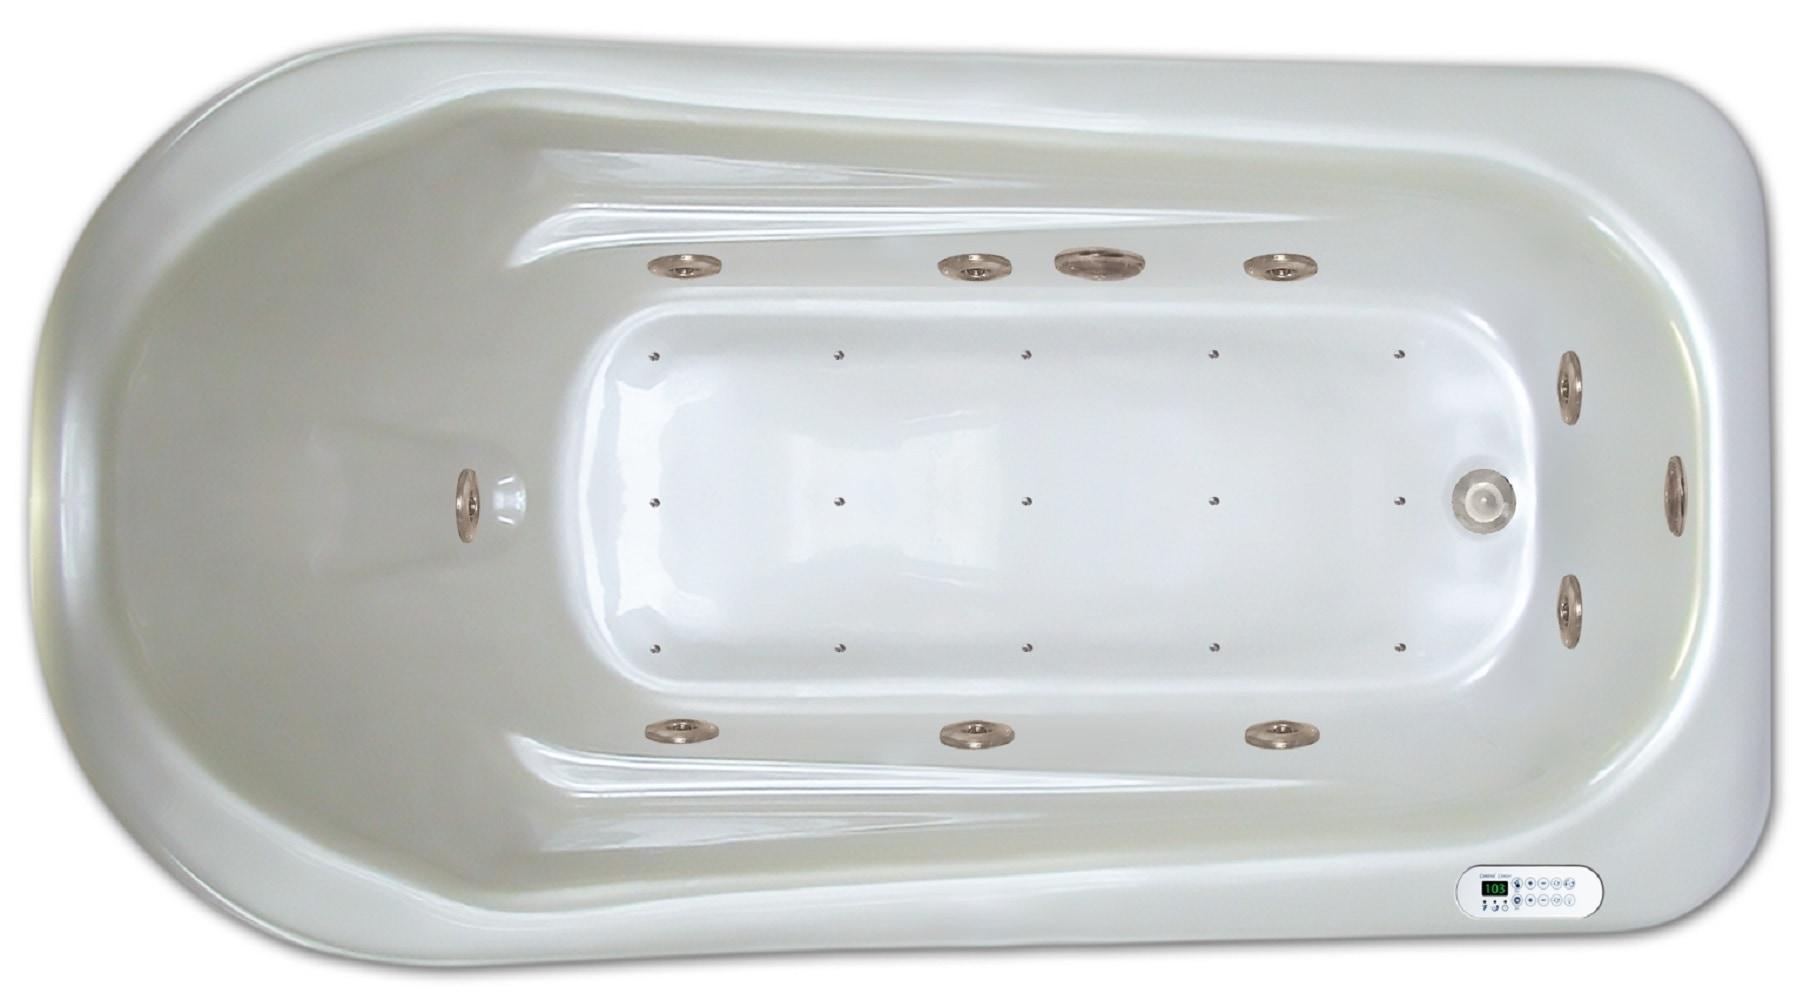 Drop-in Bathtub / 72x36x18 / high gloss white acrylic / Rectangle / LPI279-C-RD Pinnacle Bath - Air/Whirlpool Combo 0